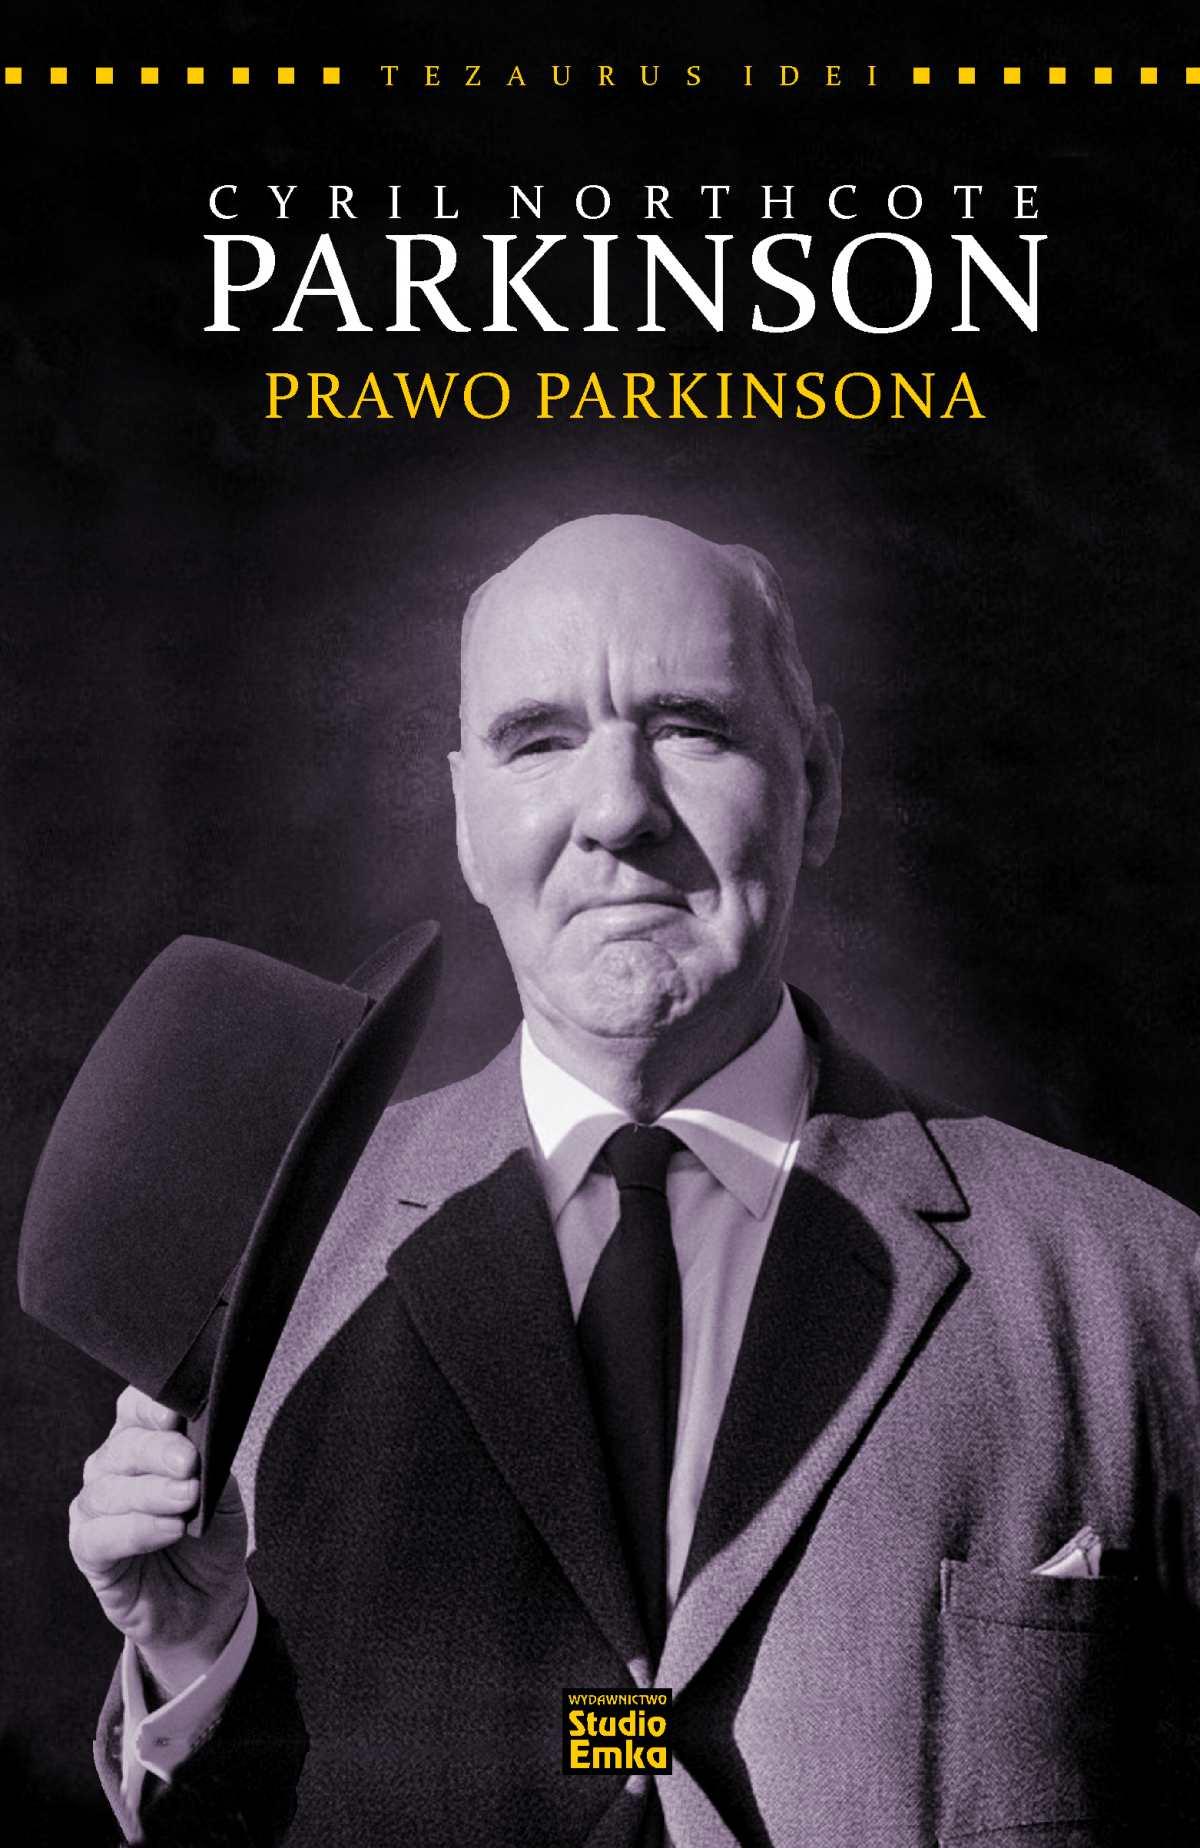 Seria Tezaurus Idei. Cyril N.Parkinson. Prawo Parkinsona - Ebook (Książka EPUB) do pobrania w formacie EPUB